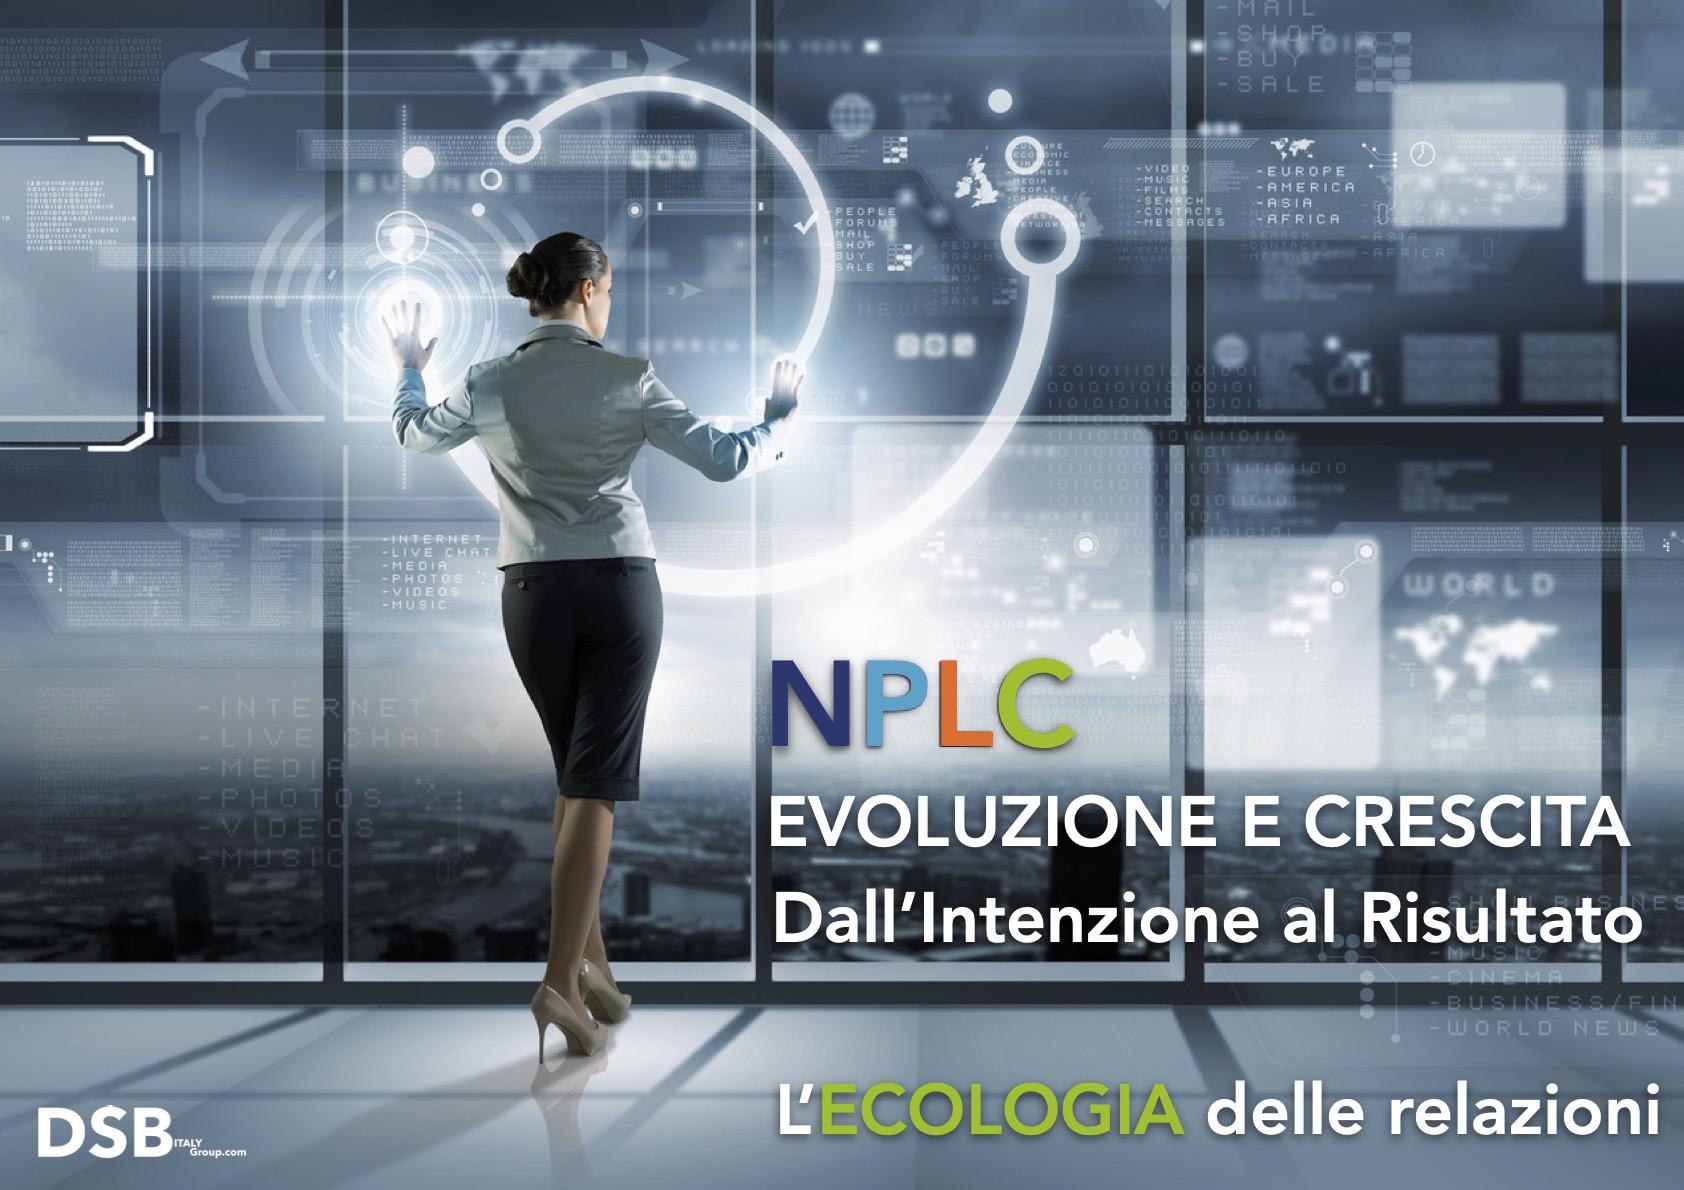 NLPC Evoluzione e Crescita, ti permette di prendere consapevolezza dei tuoi punti di forza e delle tue aree di miglioramento ...